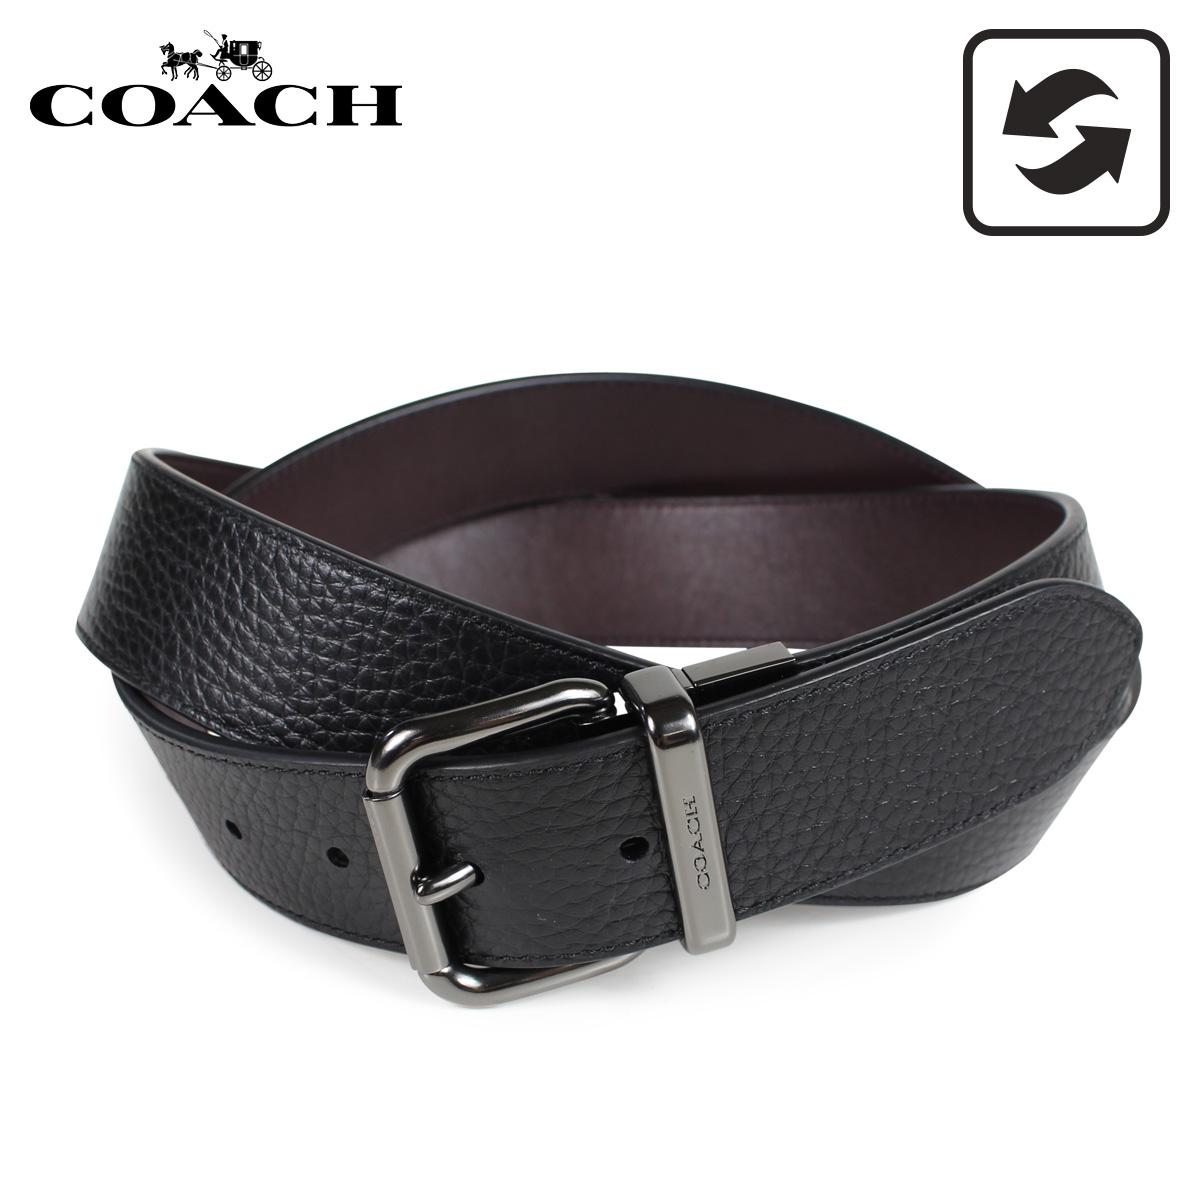 COACH F38727 コーチ ベルト レザーベルト メンズ リバーシブル 本革 レザー 黒 ブラック [3/8 新入荷]